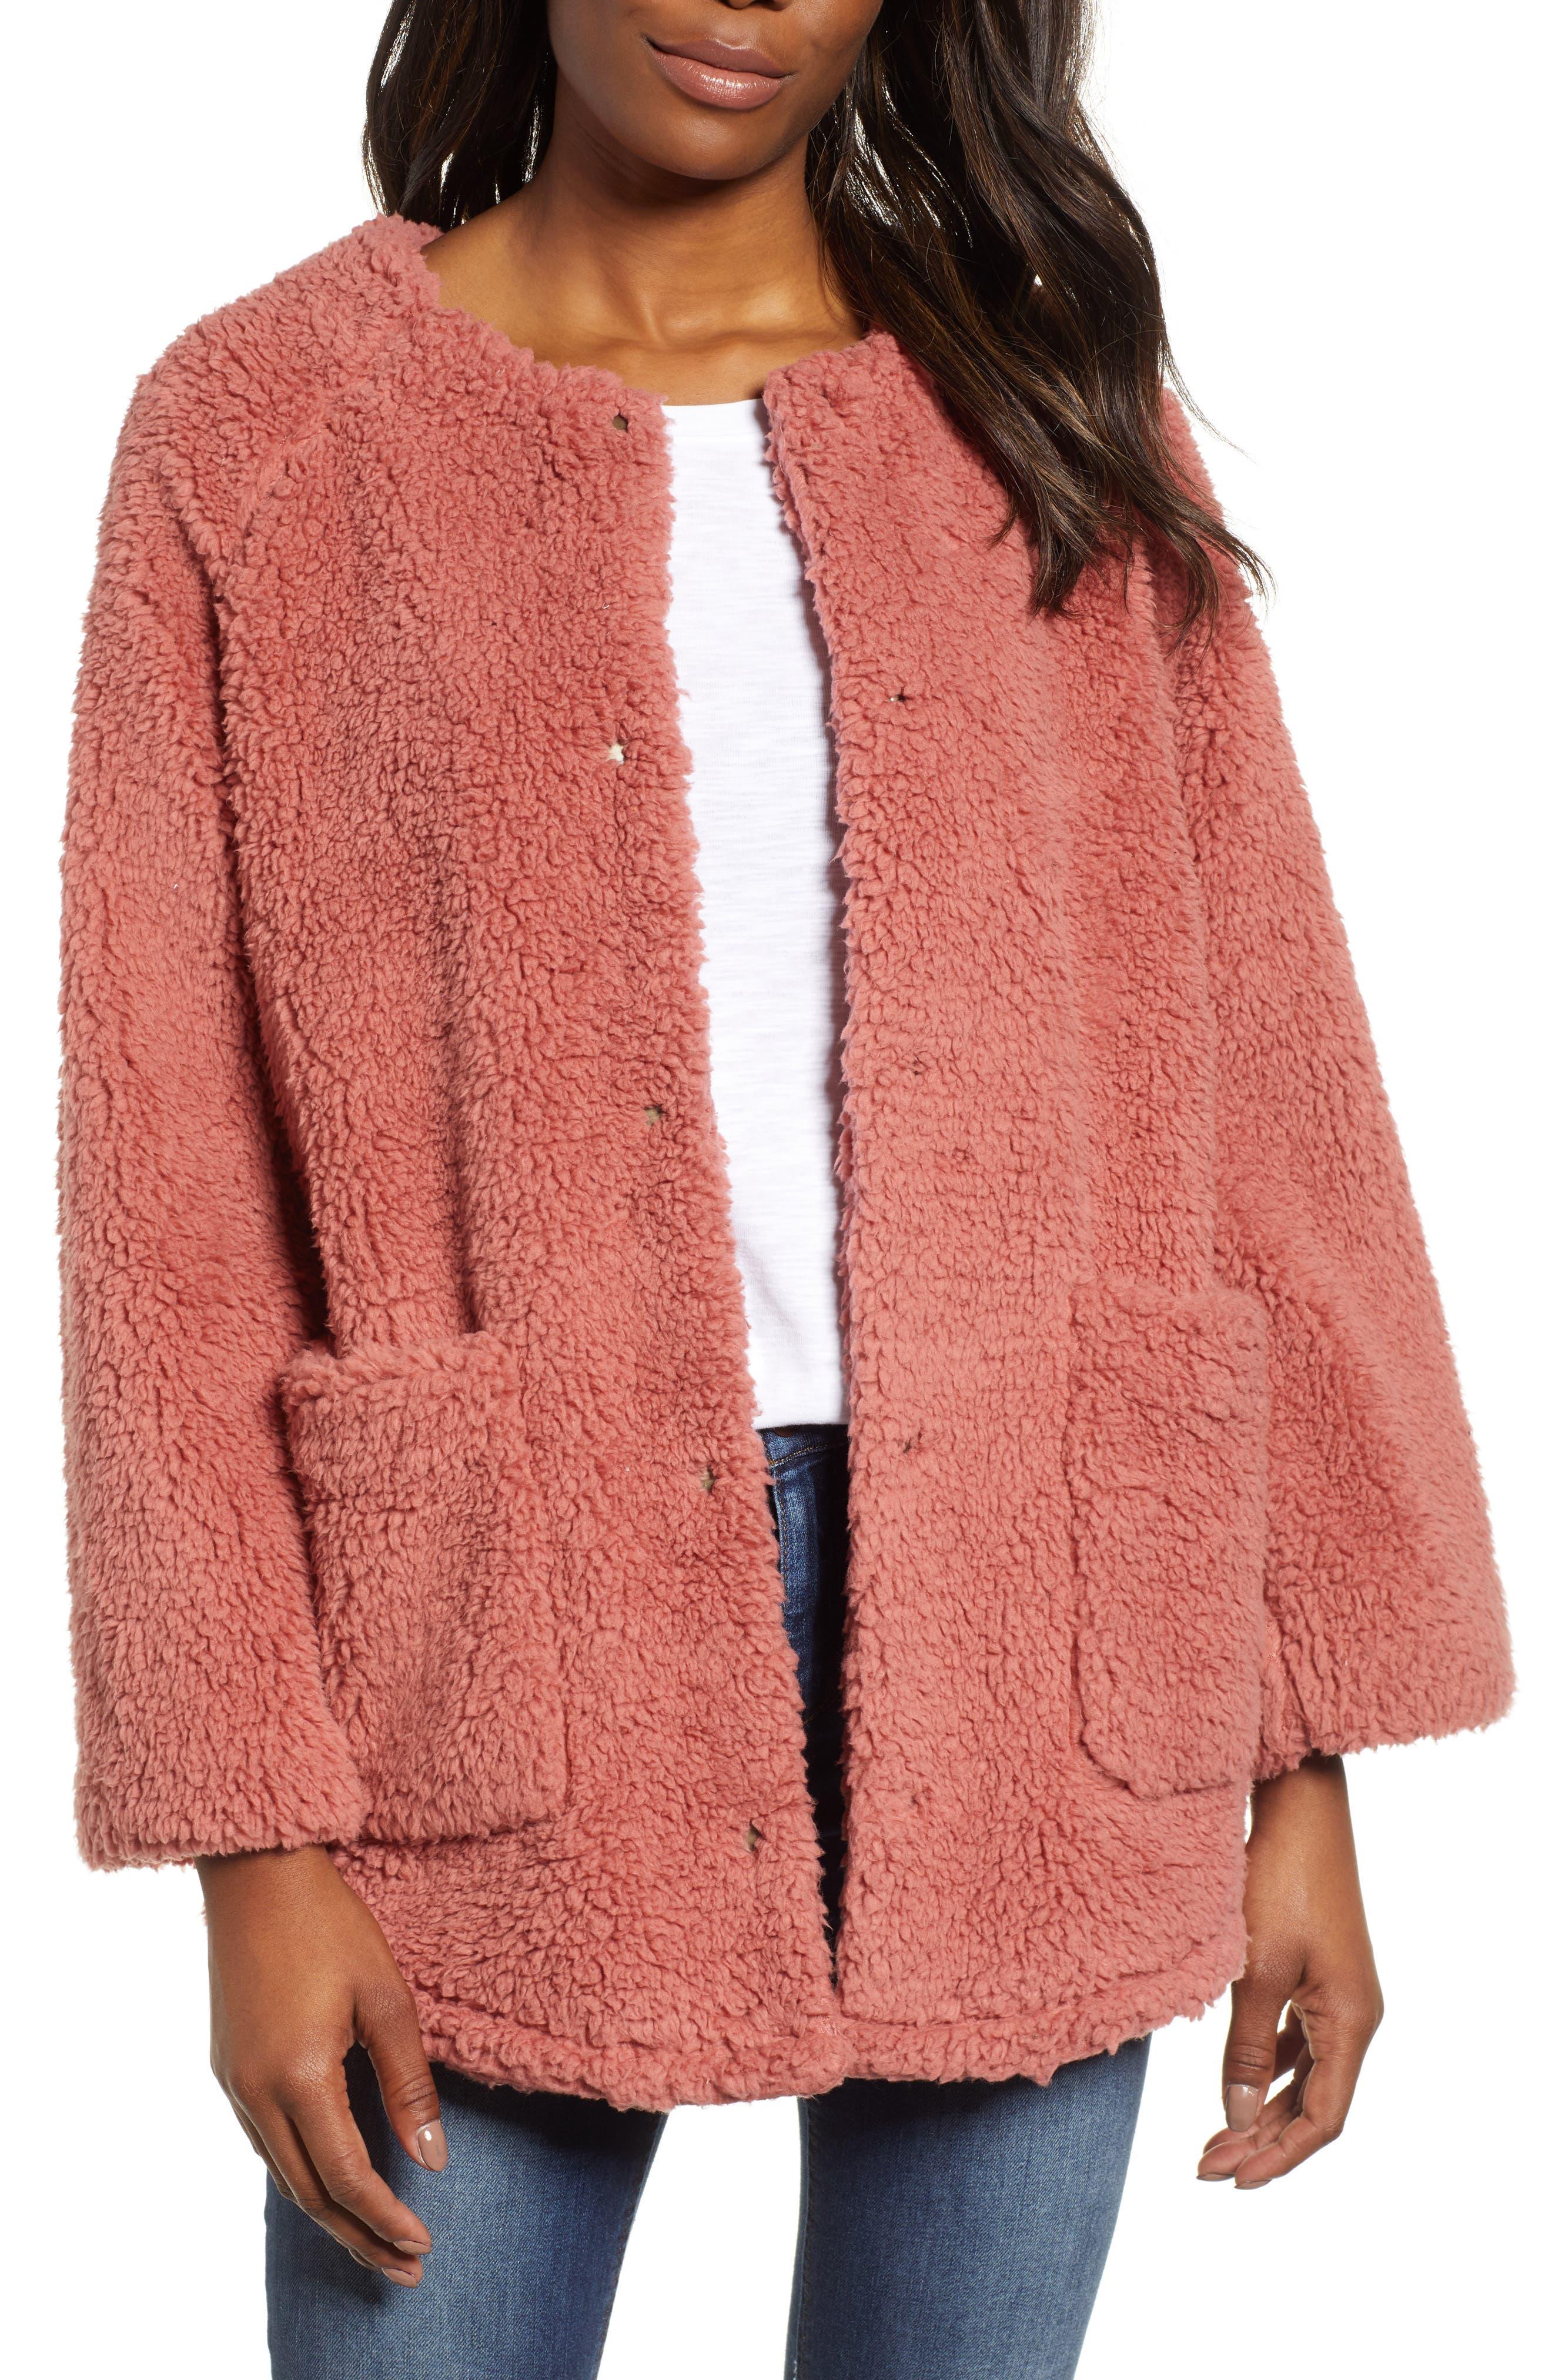 Caslon Fuzzy Fleece Jacket, Pink